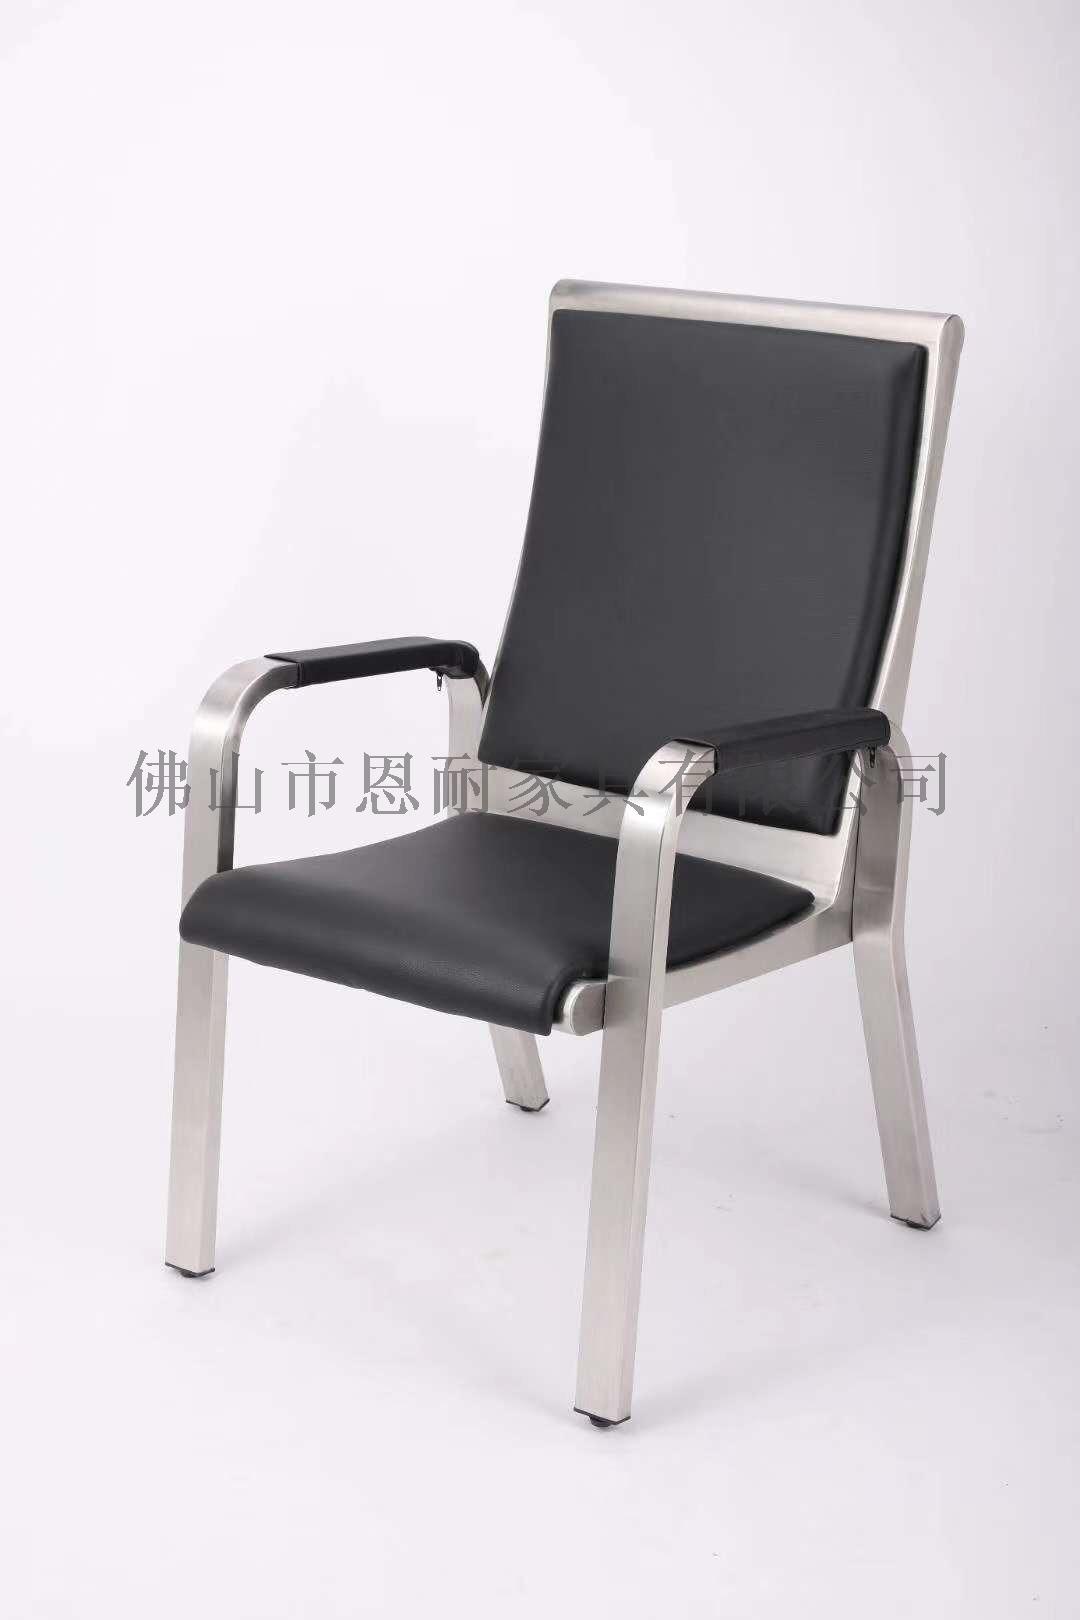 不锈钢排椅厂家 不锈钢平板椅 不锈钢监盘椅932820385